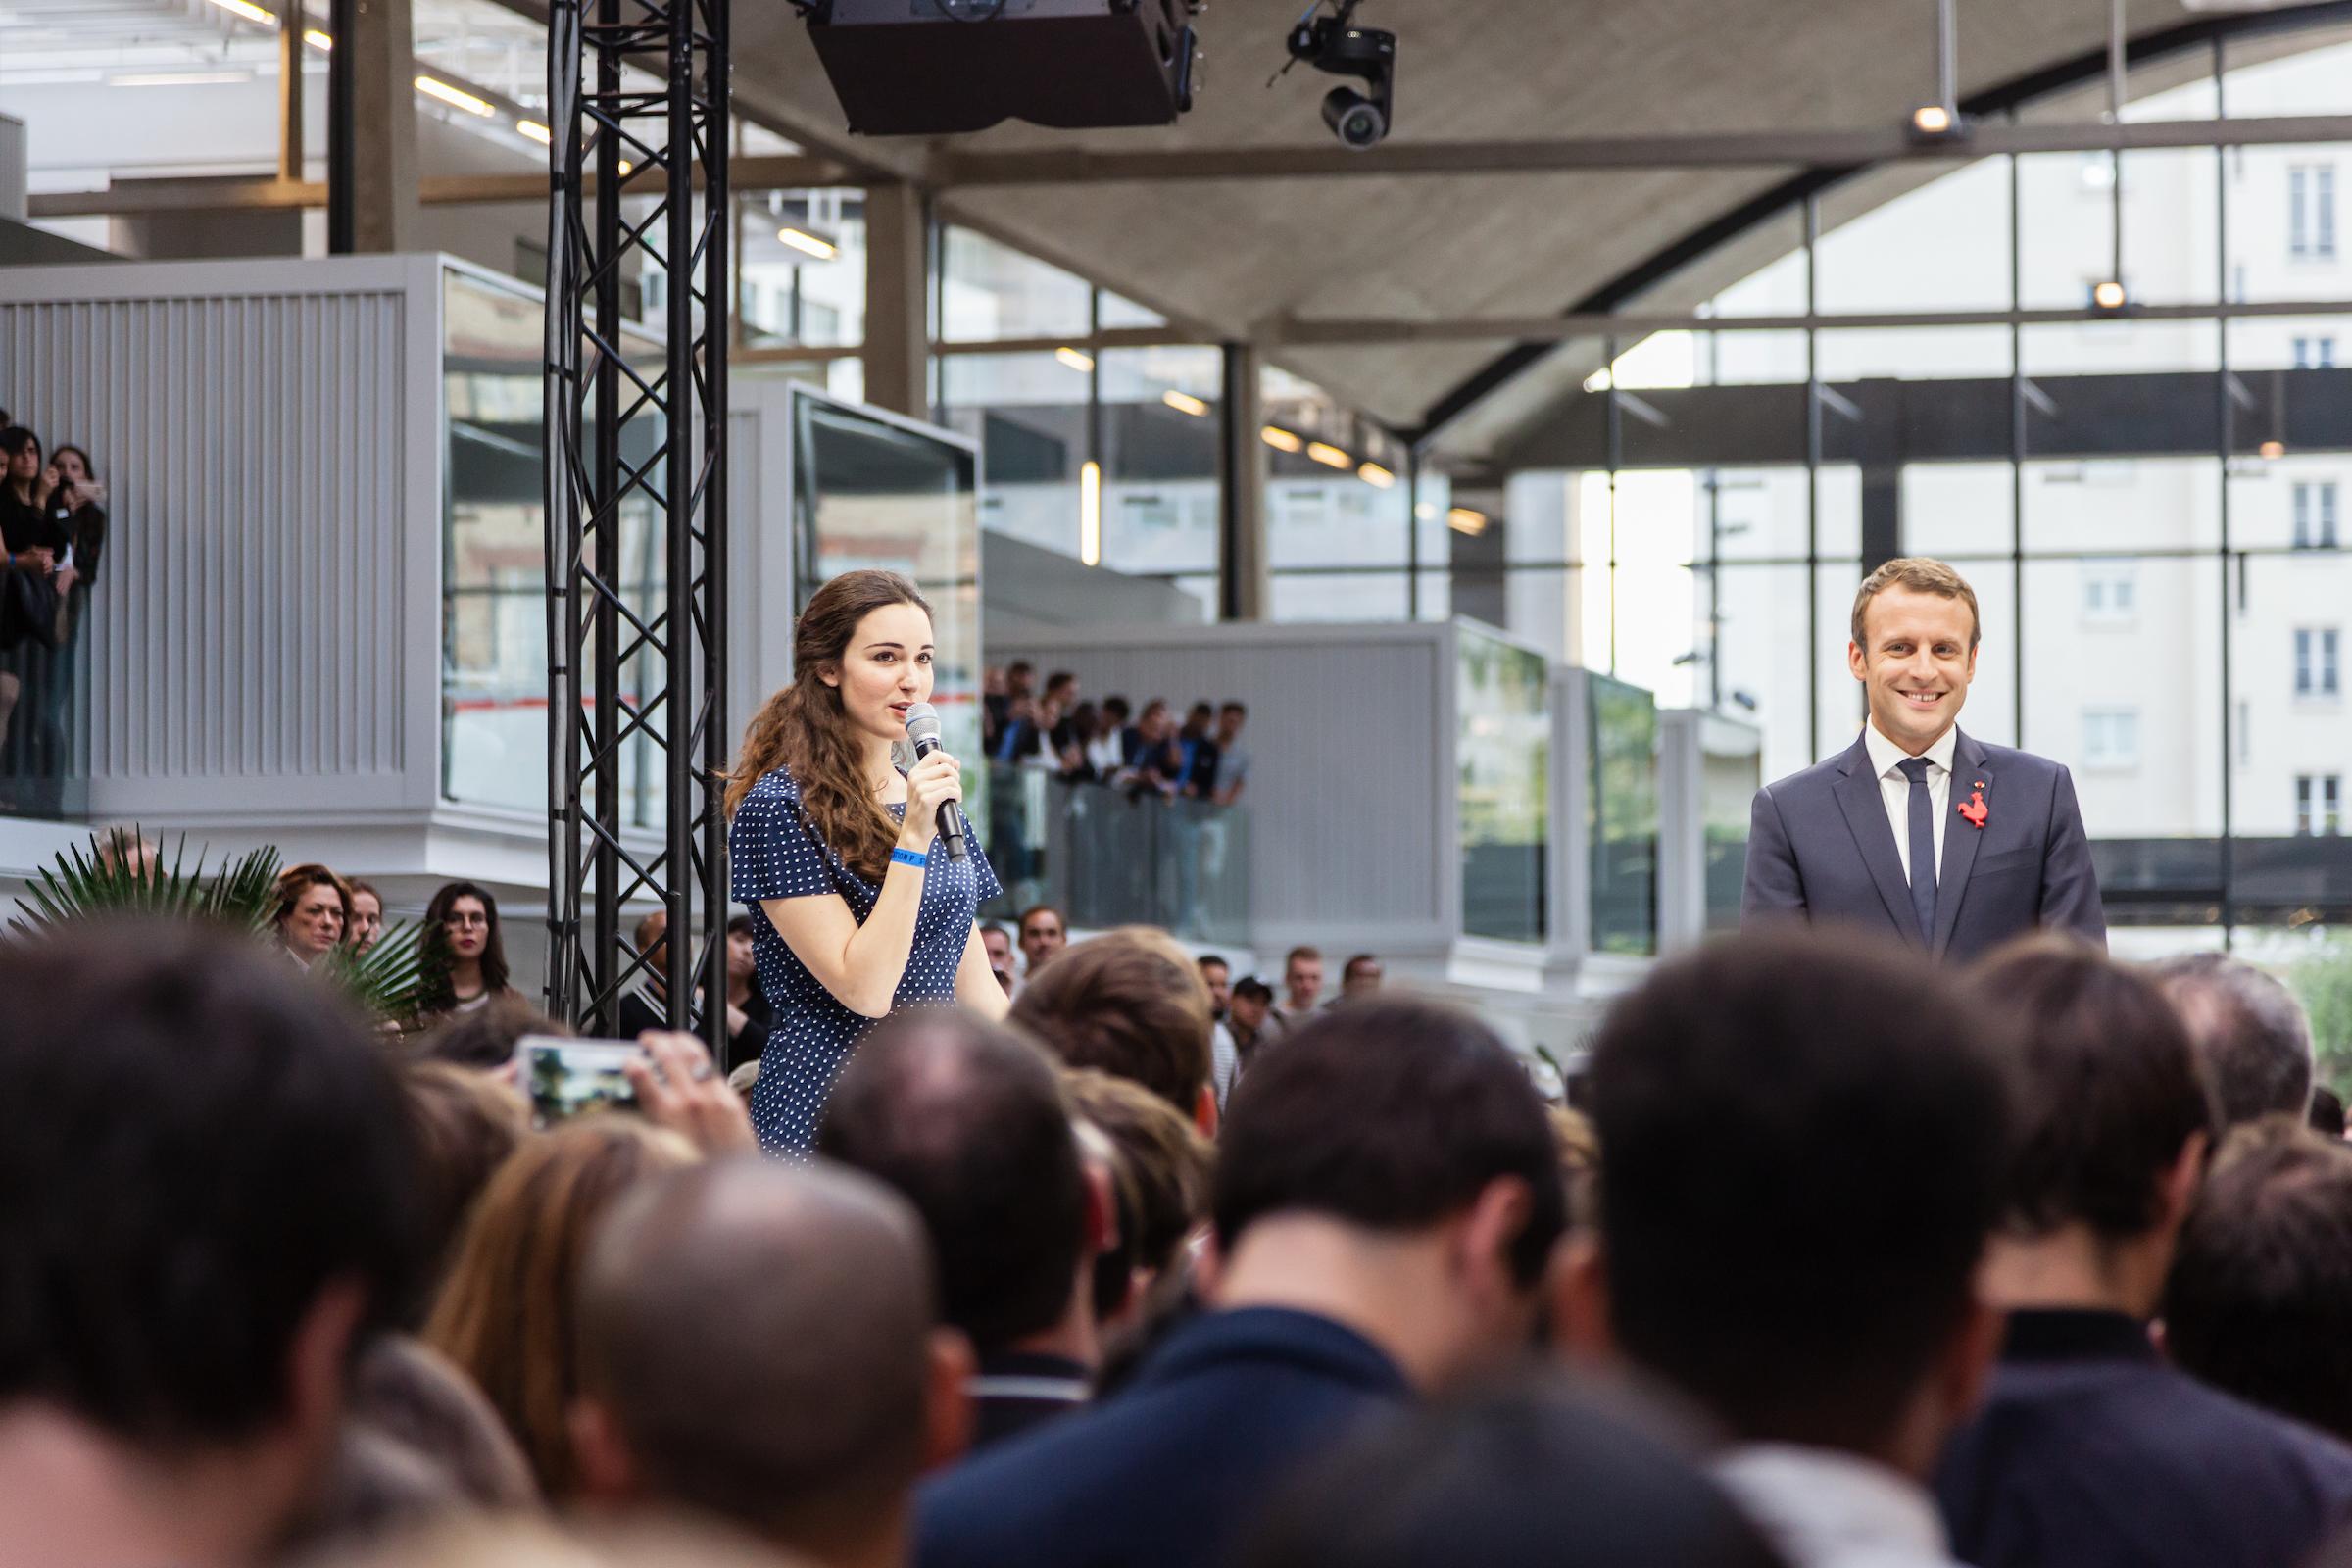 Discours d'inauguration du président de la République Française, Emmanuel Macron